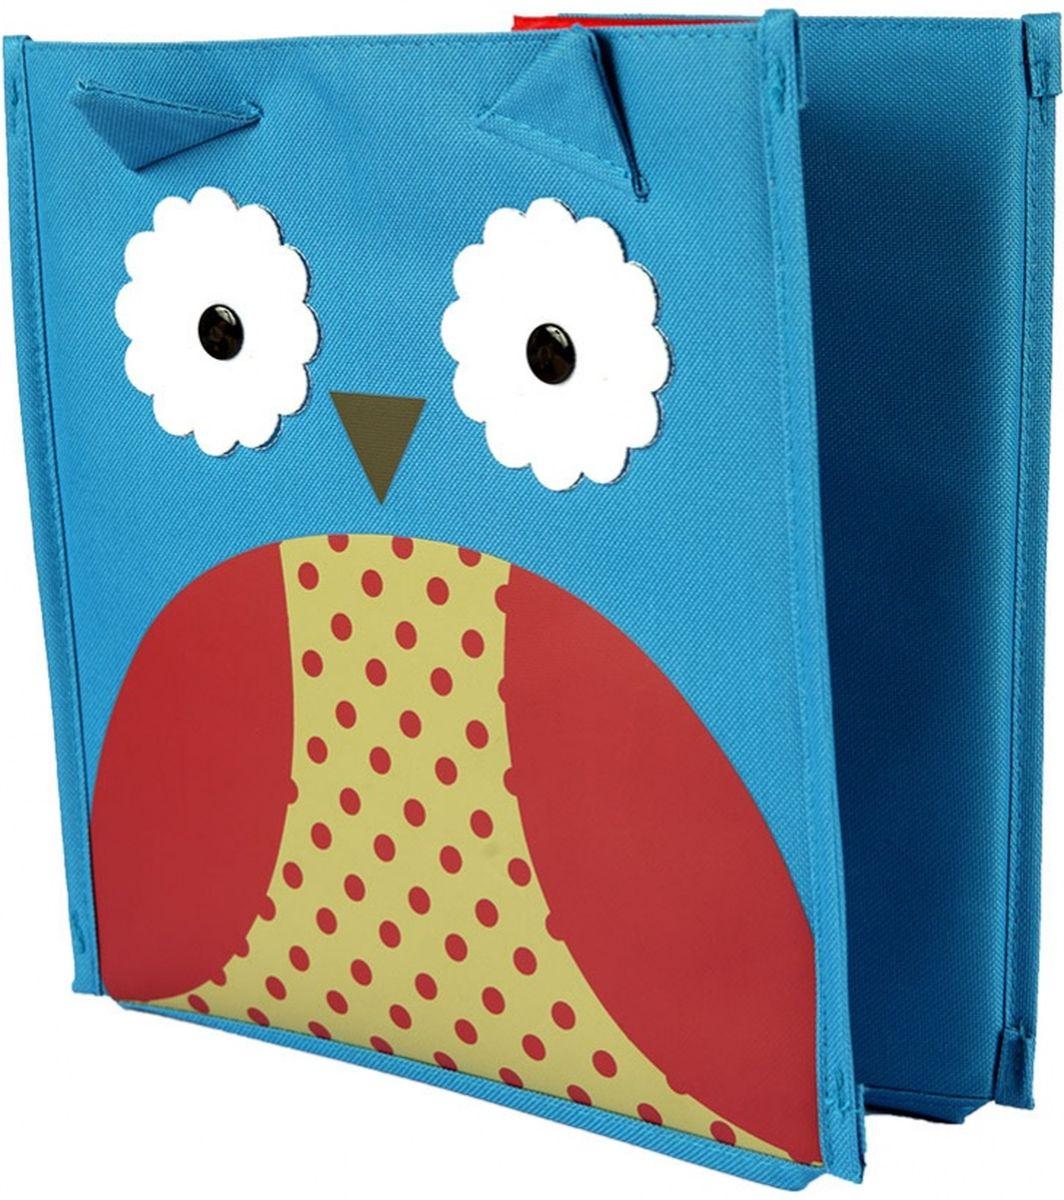 Bradex Короб для хранения Сова квадратнаяS03301004Яркая коробка с привлекательным дизайном предназначена для оптимизации хранения небольших детских вещей: игрушек, канцтоваров, одежды и обуви. Коробка освободит место в квартире и украсит любую детскую. На выбор представлены 2 варианта дизайна: с пчелкой и совой.